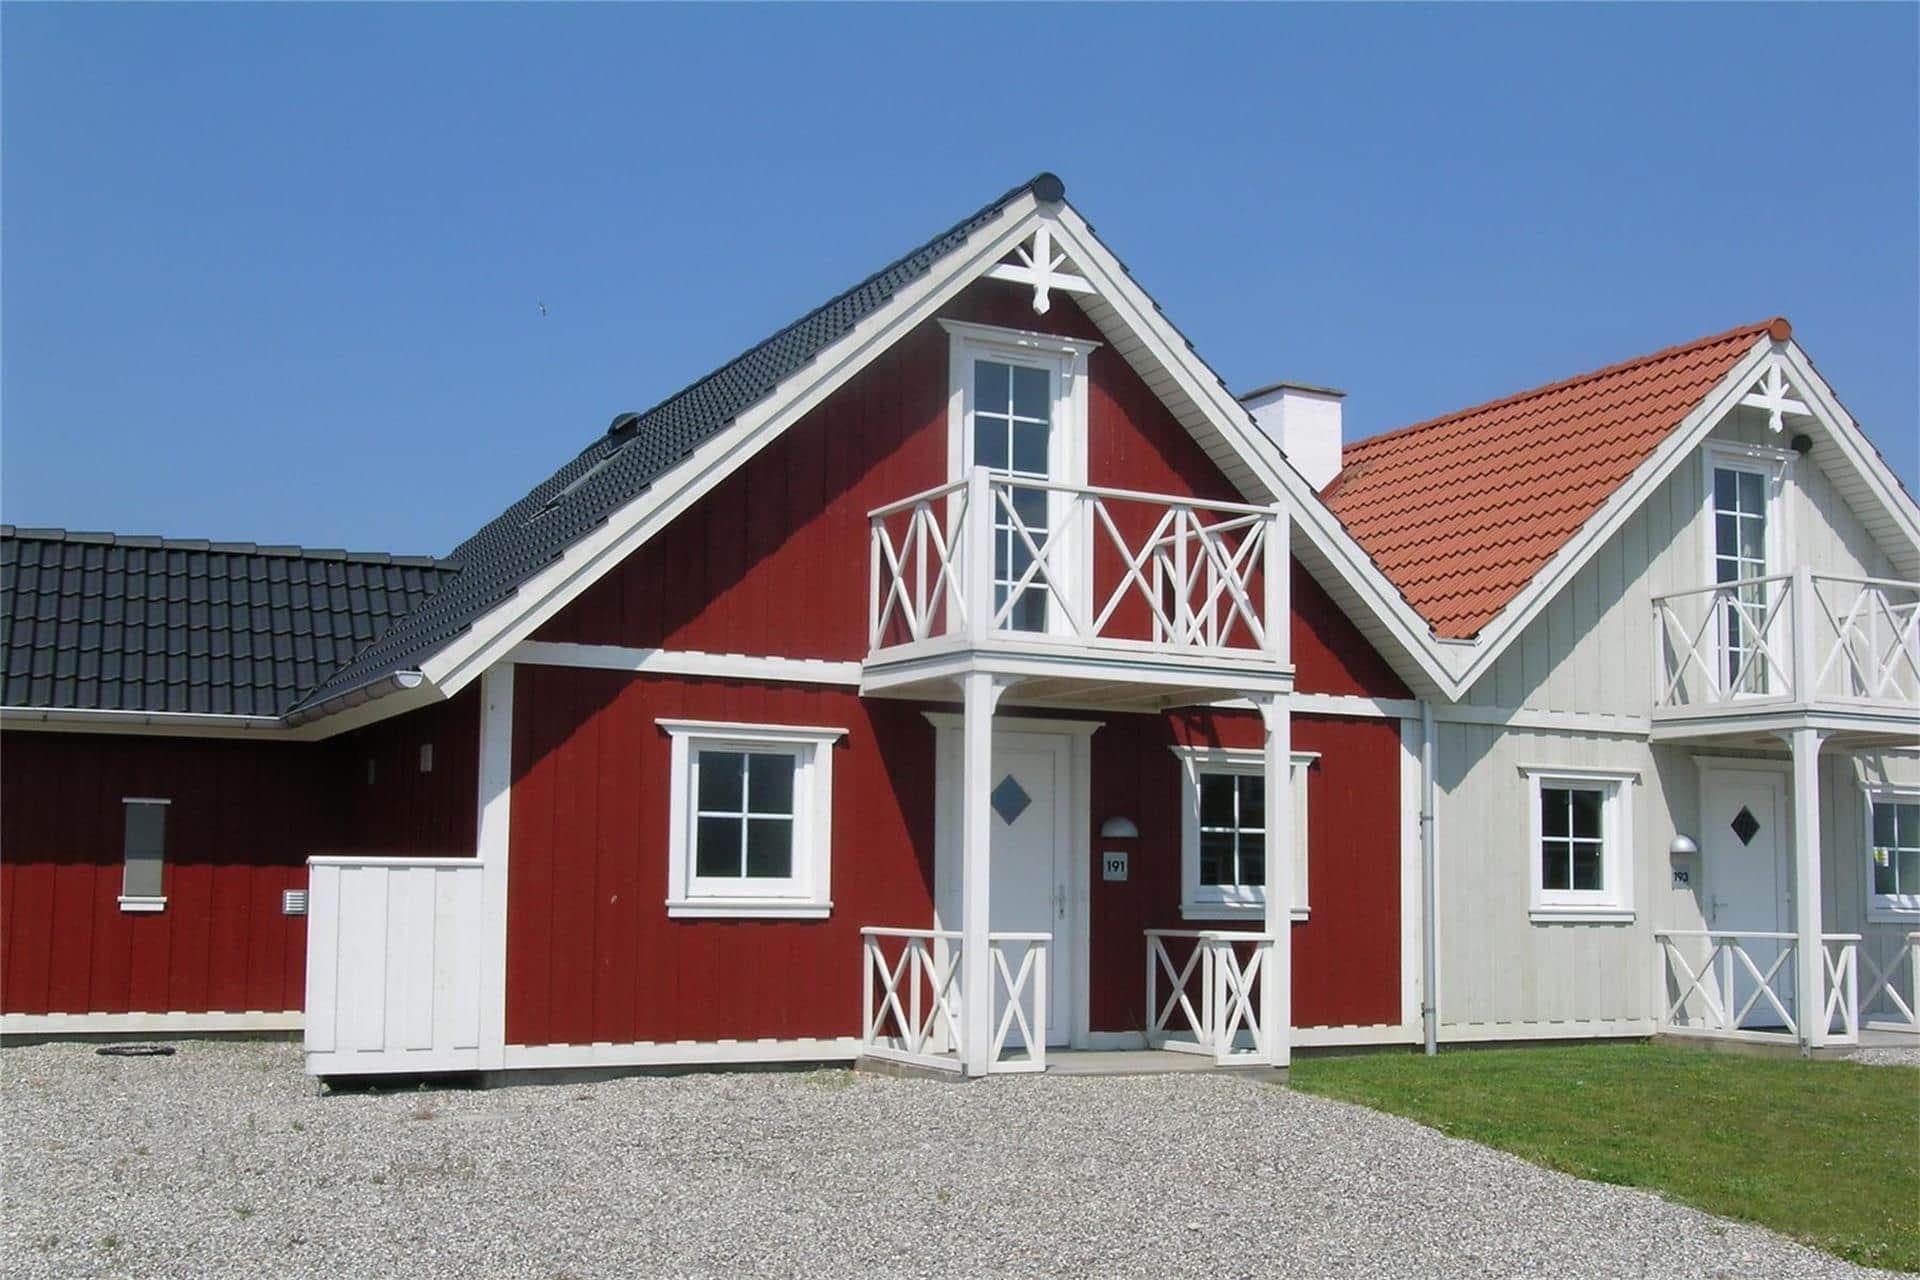 Billede 1-3 Sommerhus M64355, Strandgårdsvej 191, DK - 5464 Brenderup Fyn